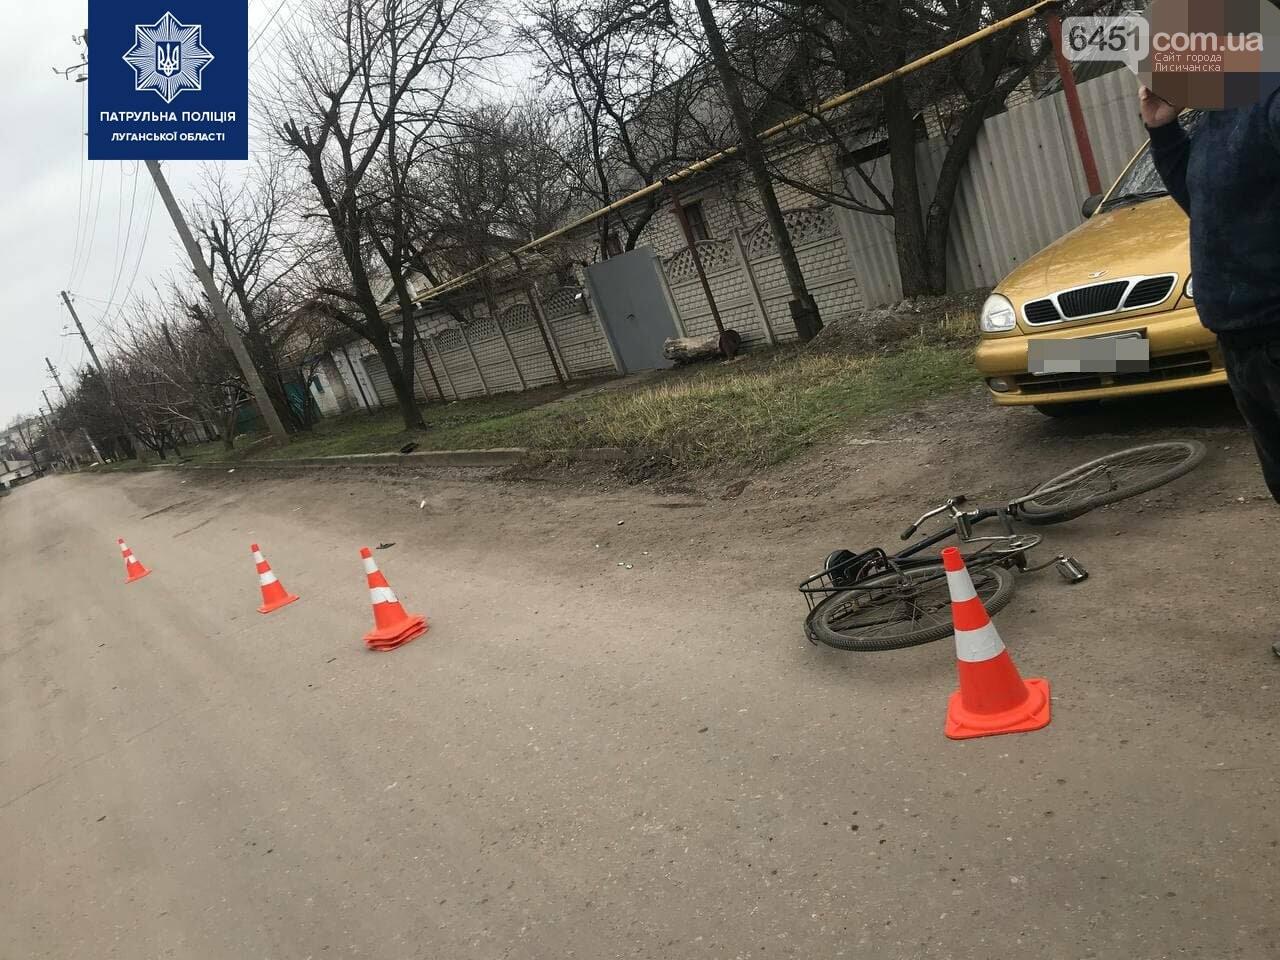 В Приволье полиция разыскала водителя, сбившего велосипедиста, фото-1